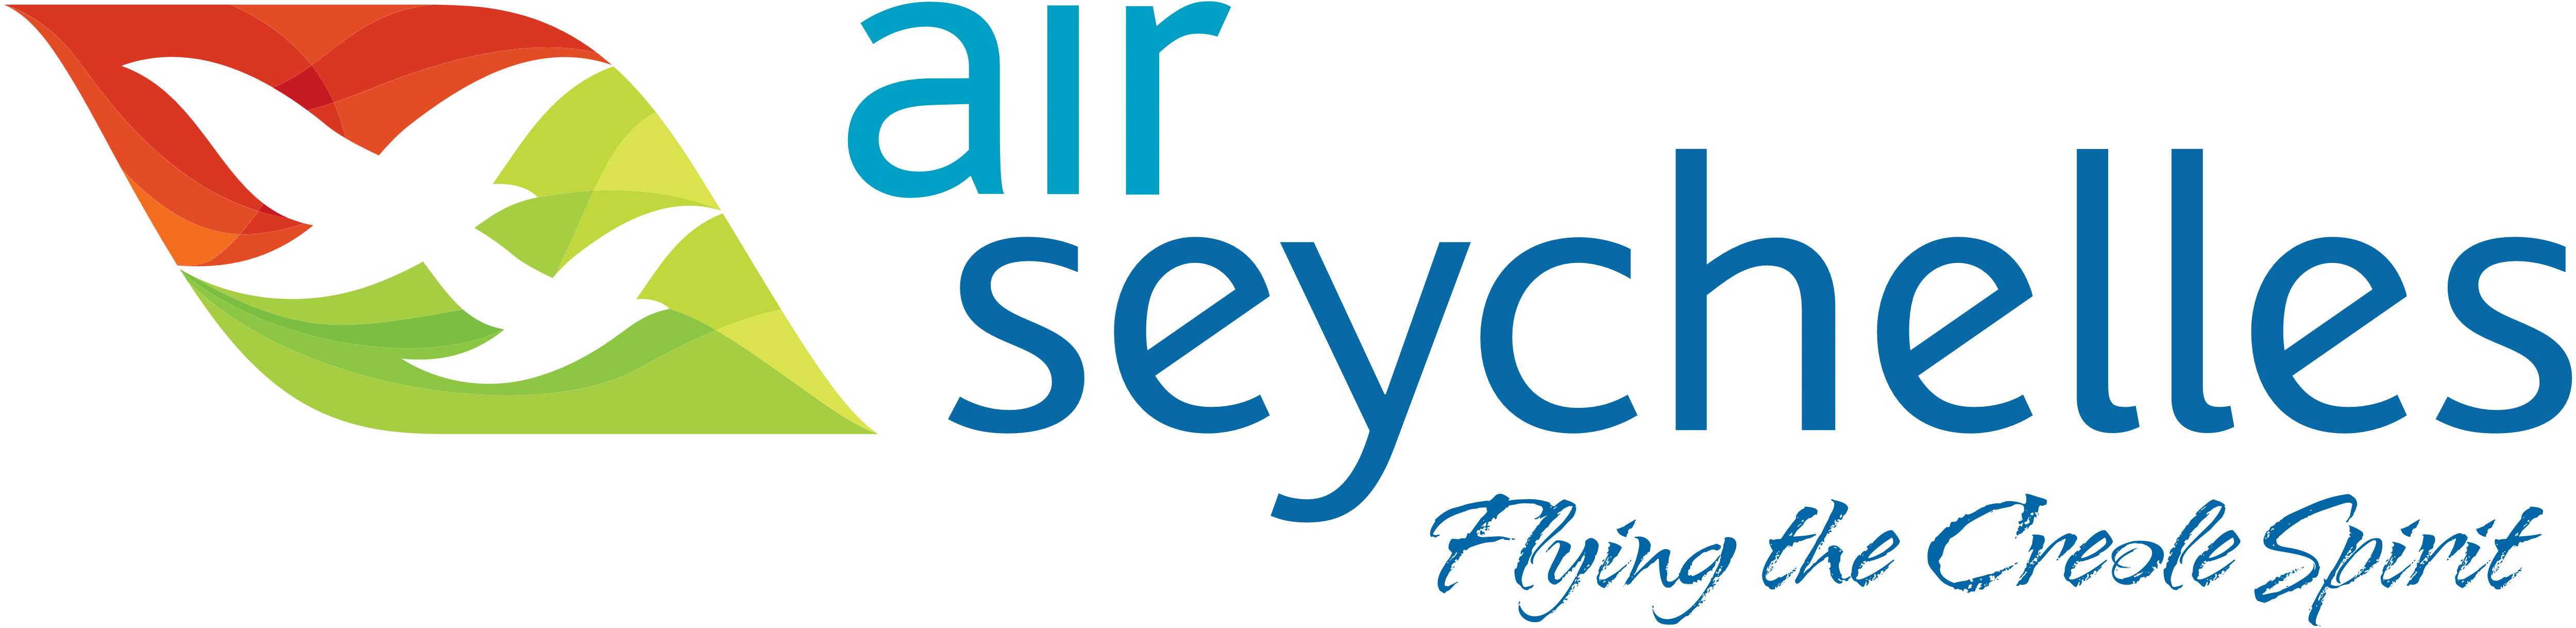 Resultado de imagen para Air Seychelles logo png